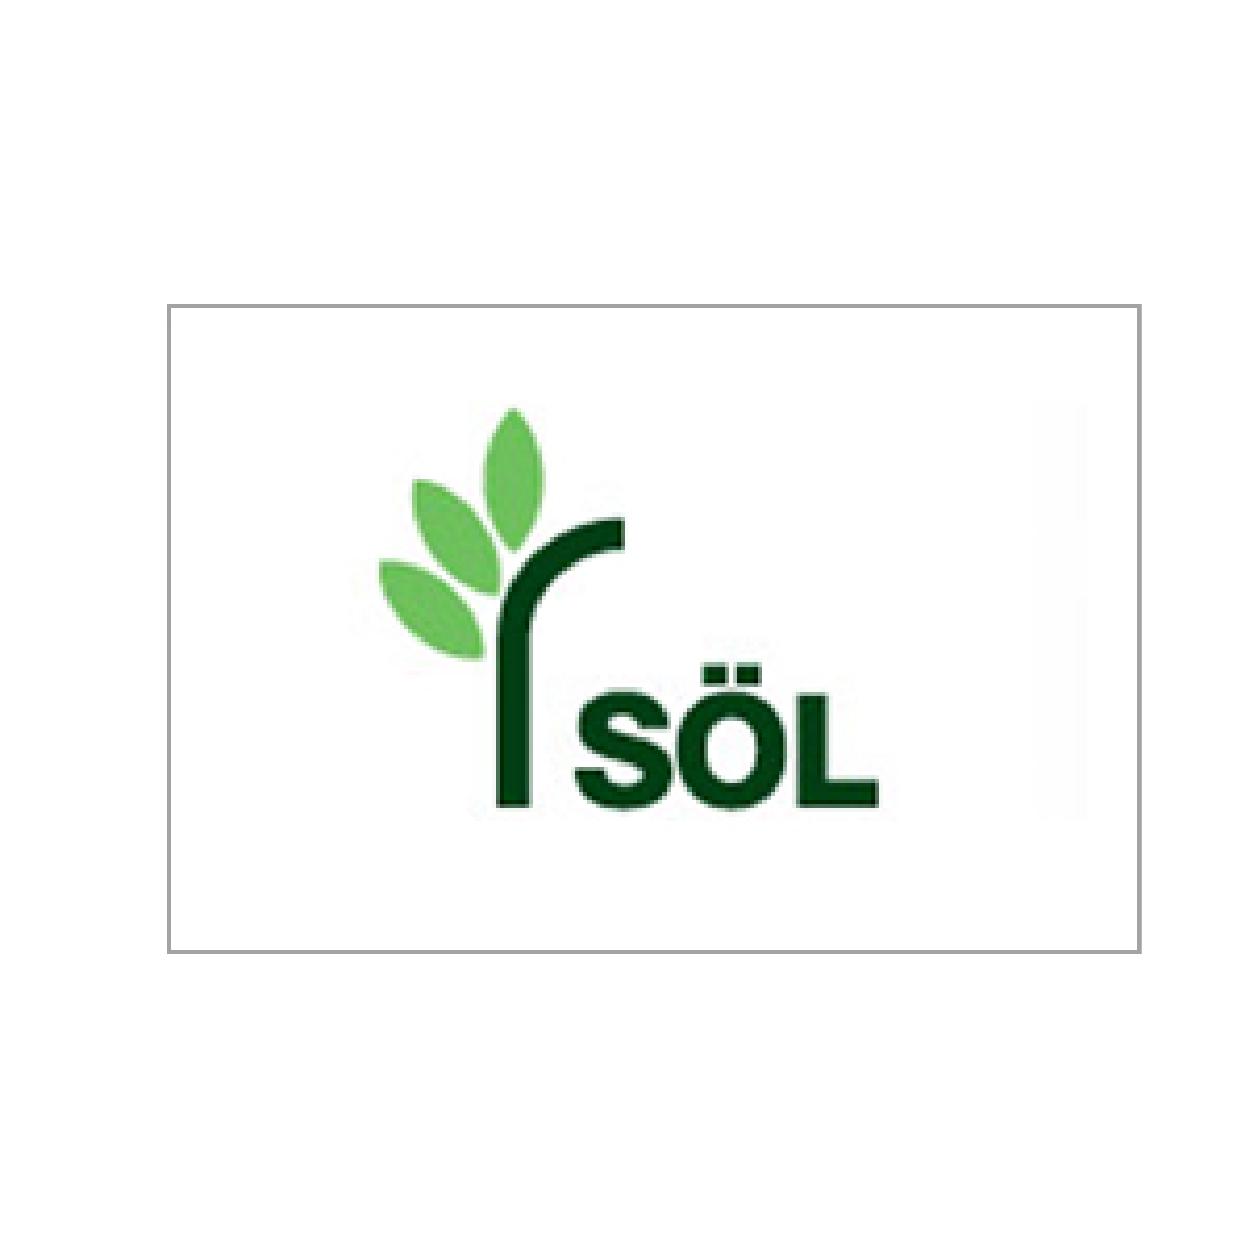 soel-logo